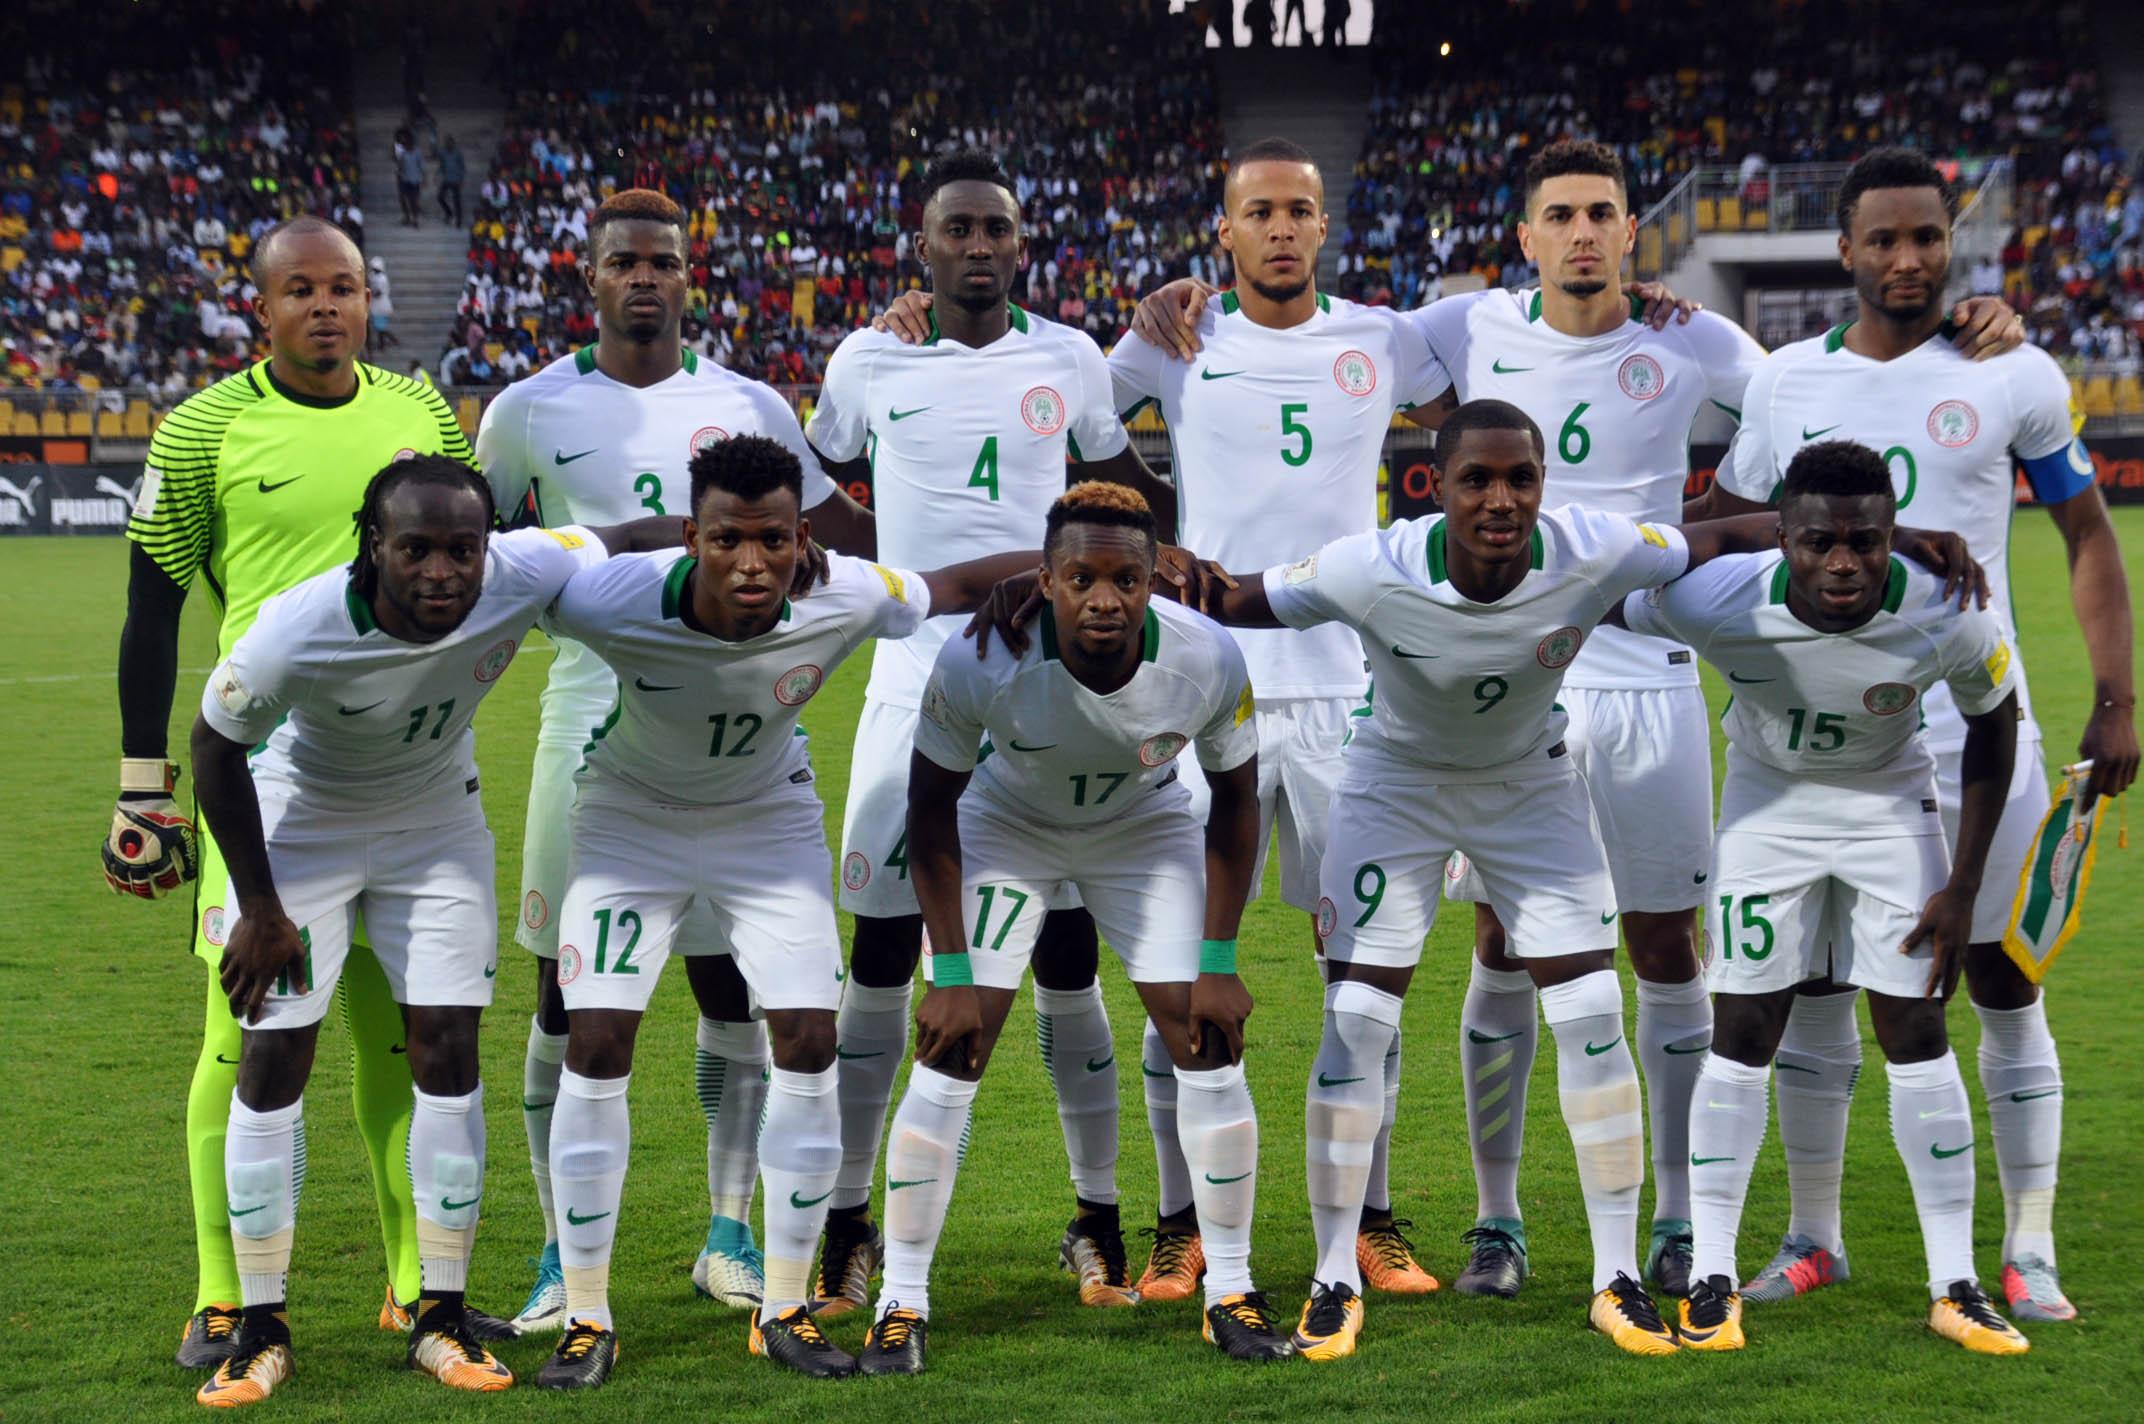 Nigéria tenta quebrar tabu e avançar além das oitavas de final